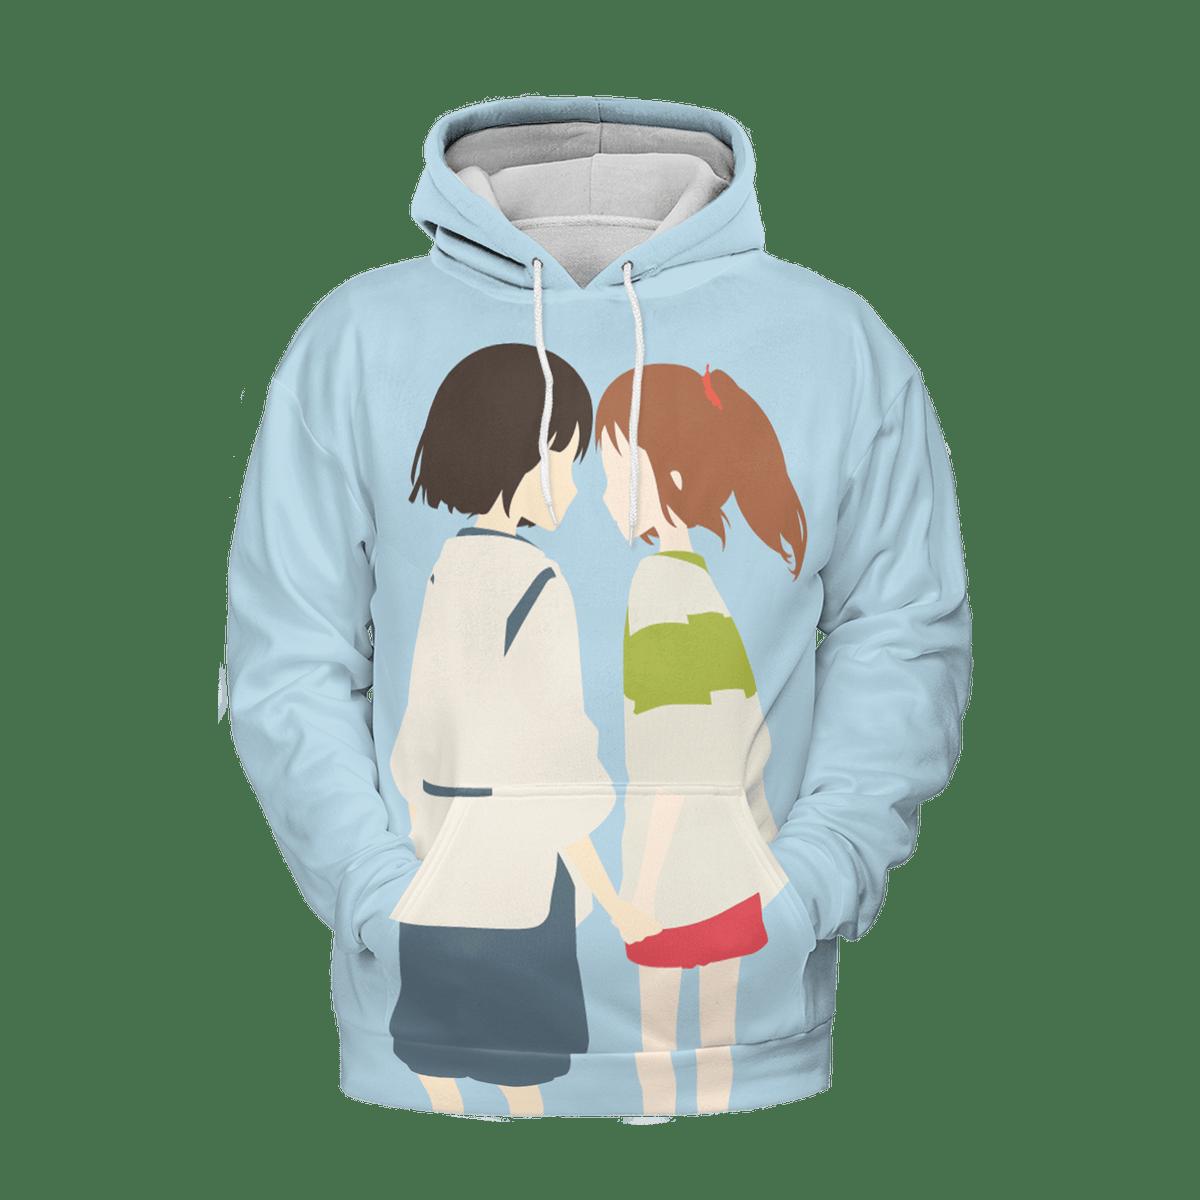 Spirited Away Chihiro and Haku 3D Hoodie